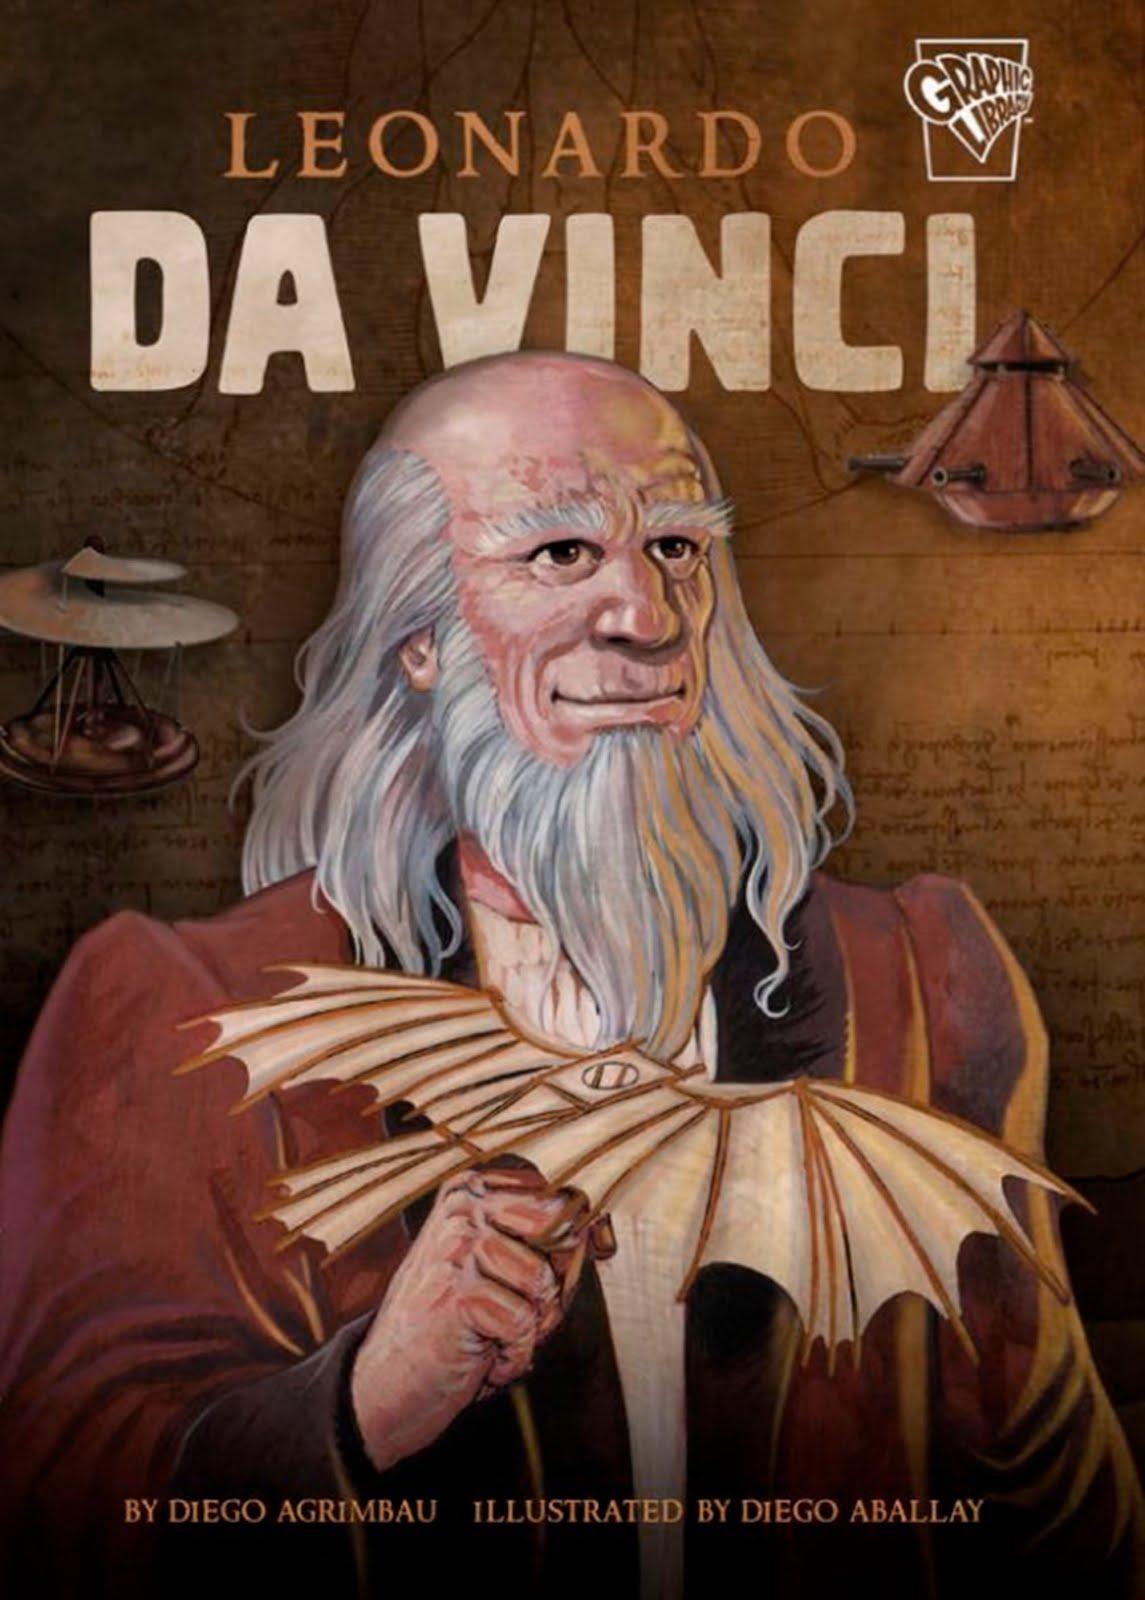 Leonardo Da Vinci (Biografía) Capstone EEUU